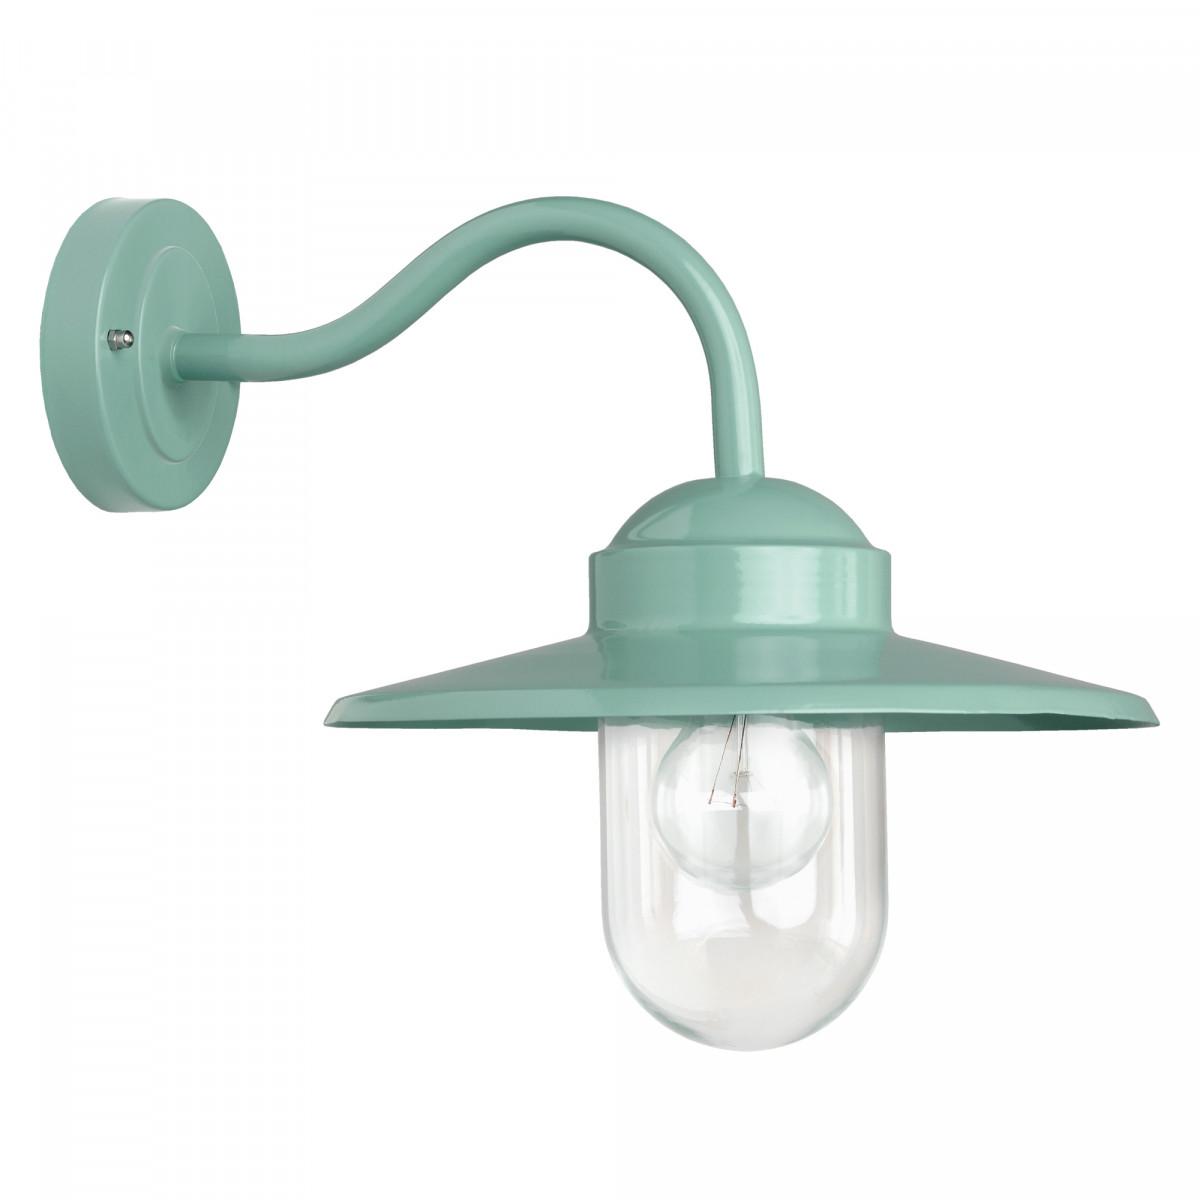 muurlamp Dolce mintgroen, prachtige trendy buitenlamp, type stallamp met helder stolpglas, E27 fitting geschikt voor led lichtbronnen, trendy buitenverlichting van KS Verlichting